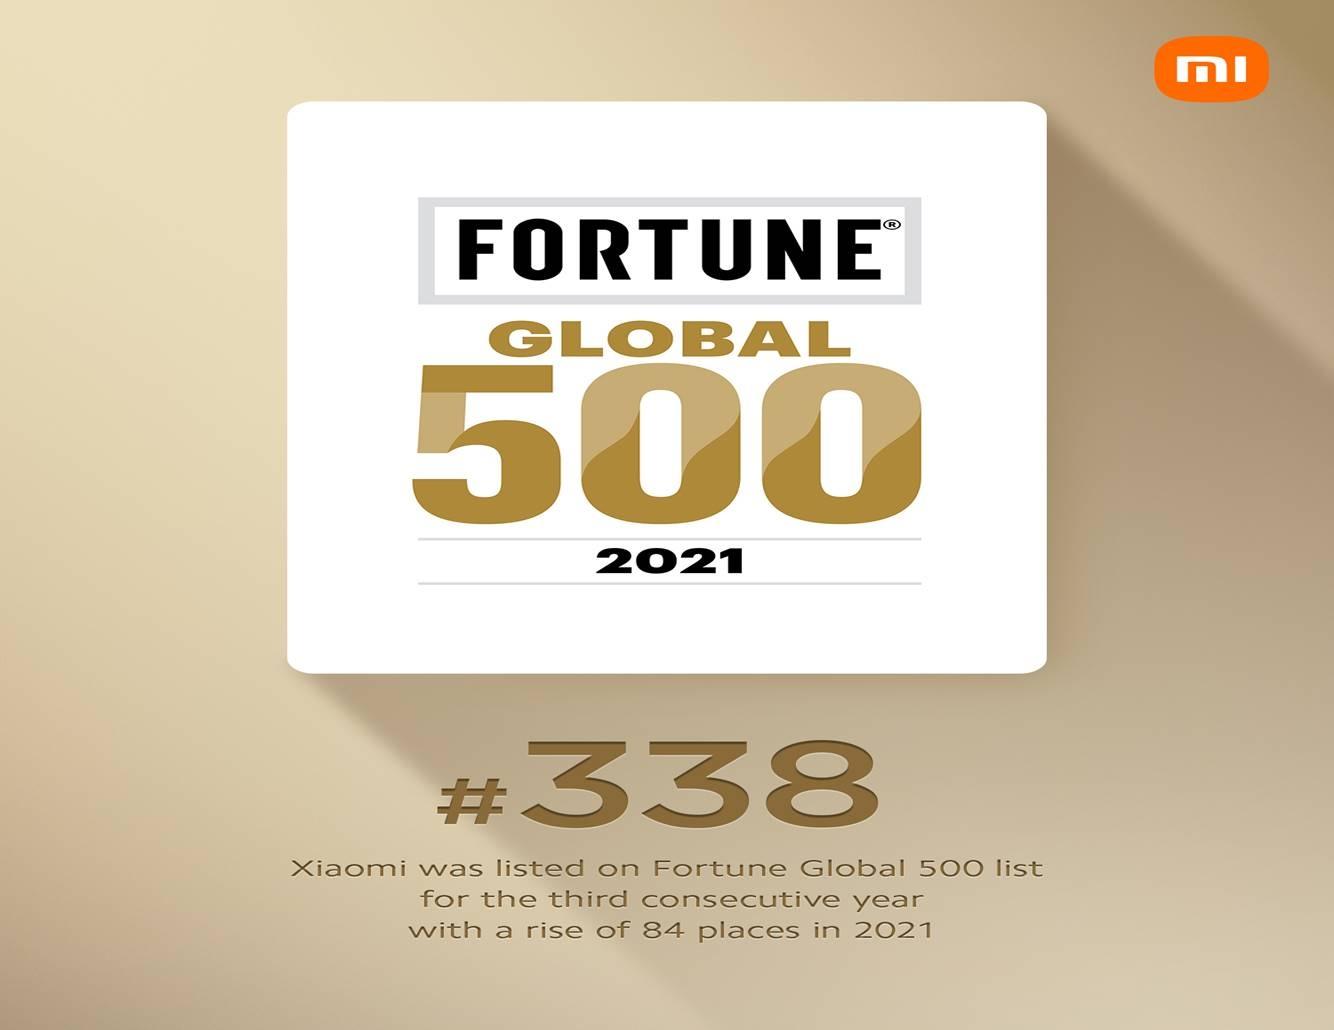 xiaomi thang hang trong danh sach fortune global 500